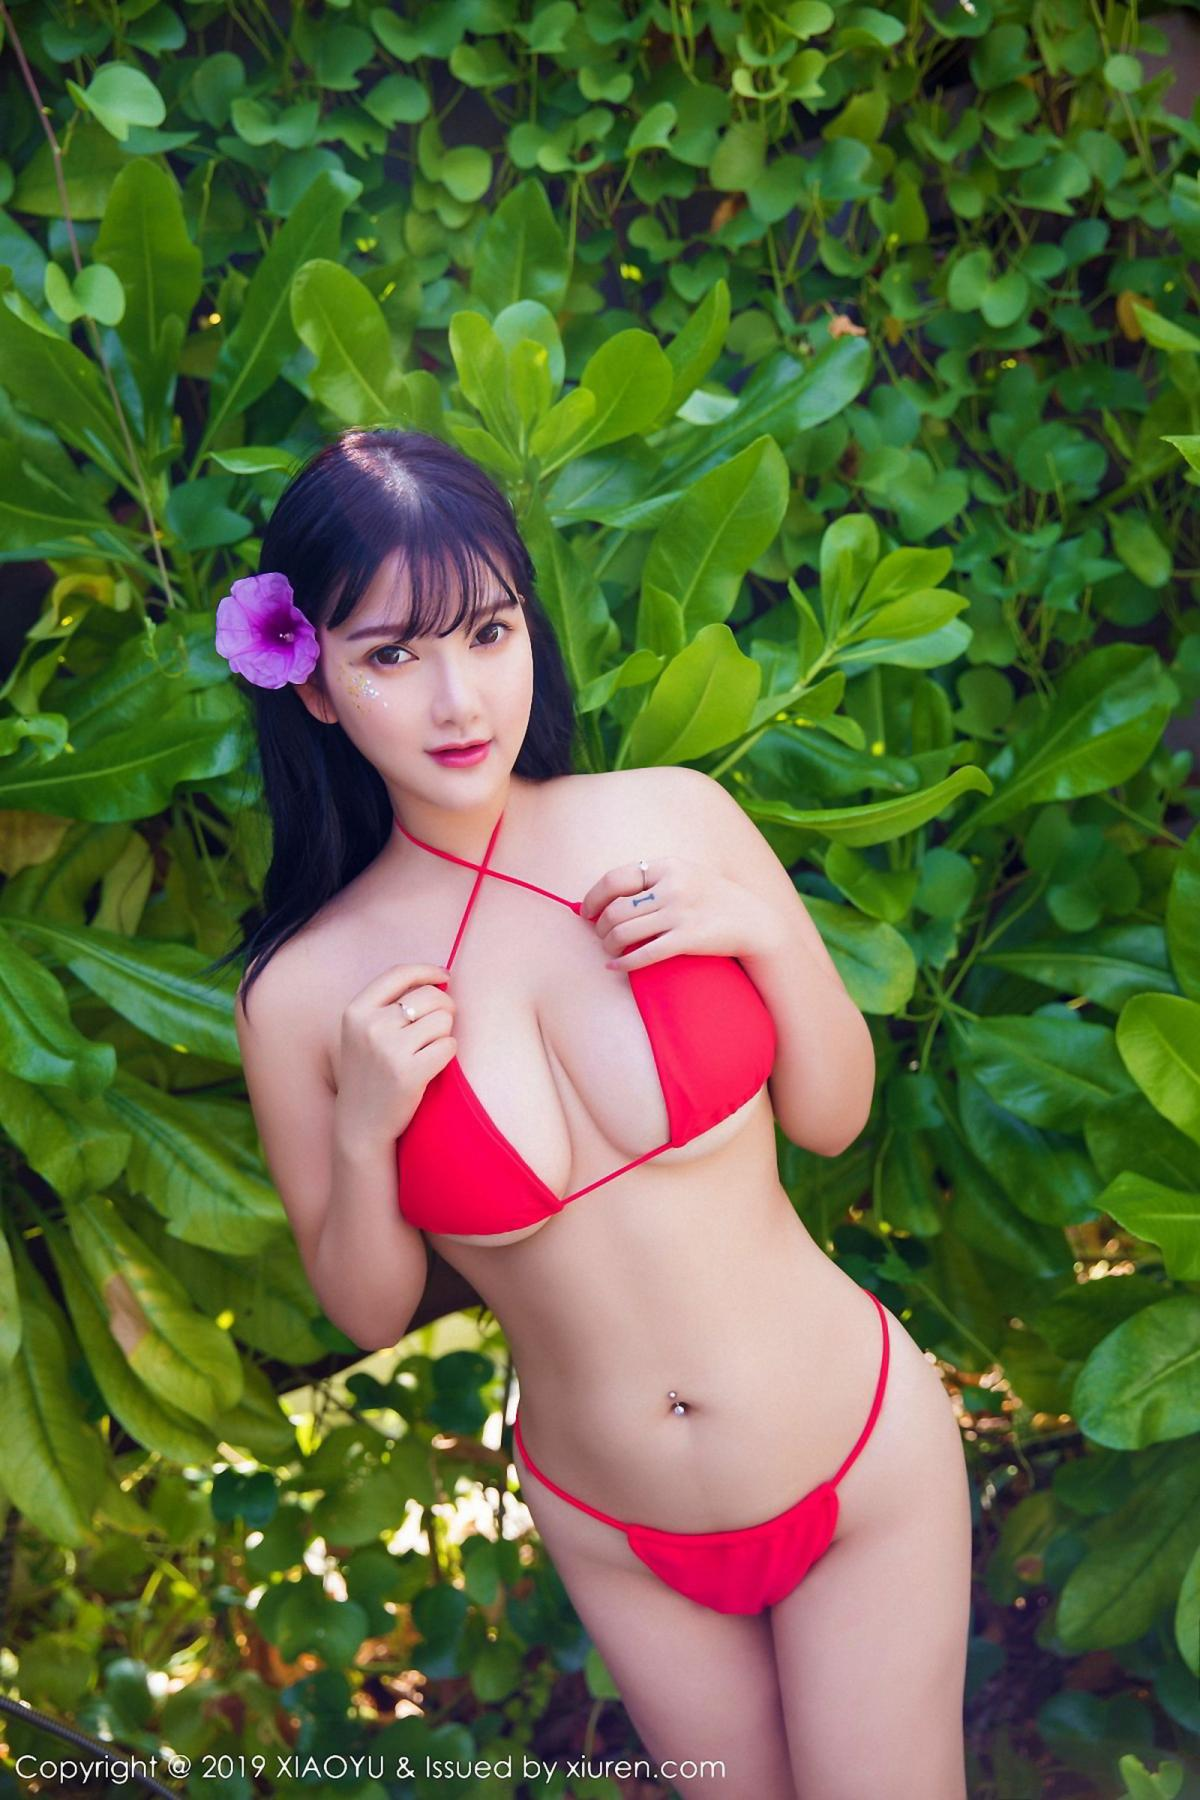 [XiaoYu] Vol.029 Lu Lu Xiao Miao 10P, Bikini, Lu Lu Xiao Miao, Wet, XiaoYu